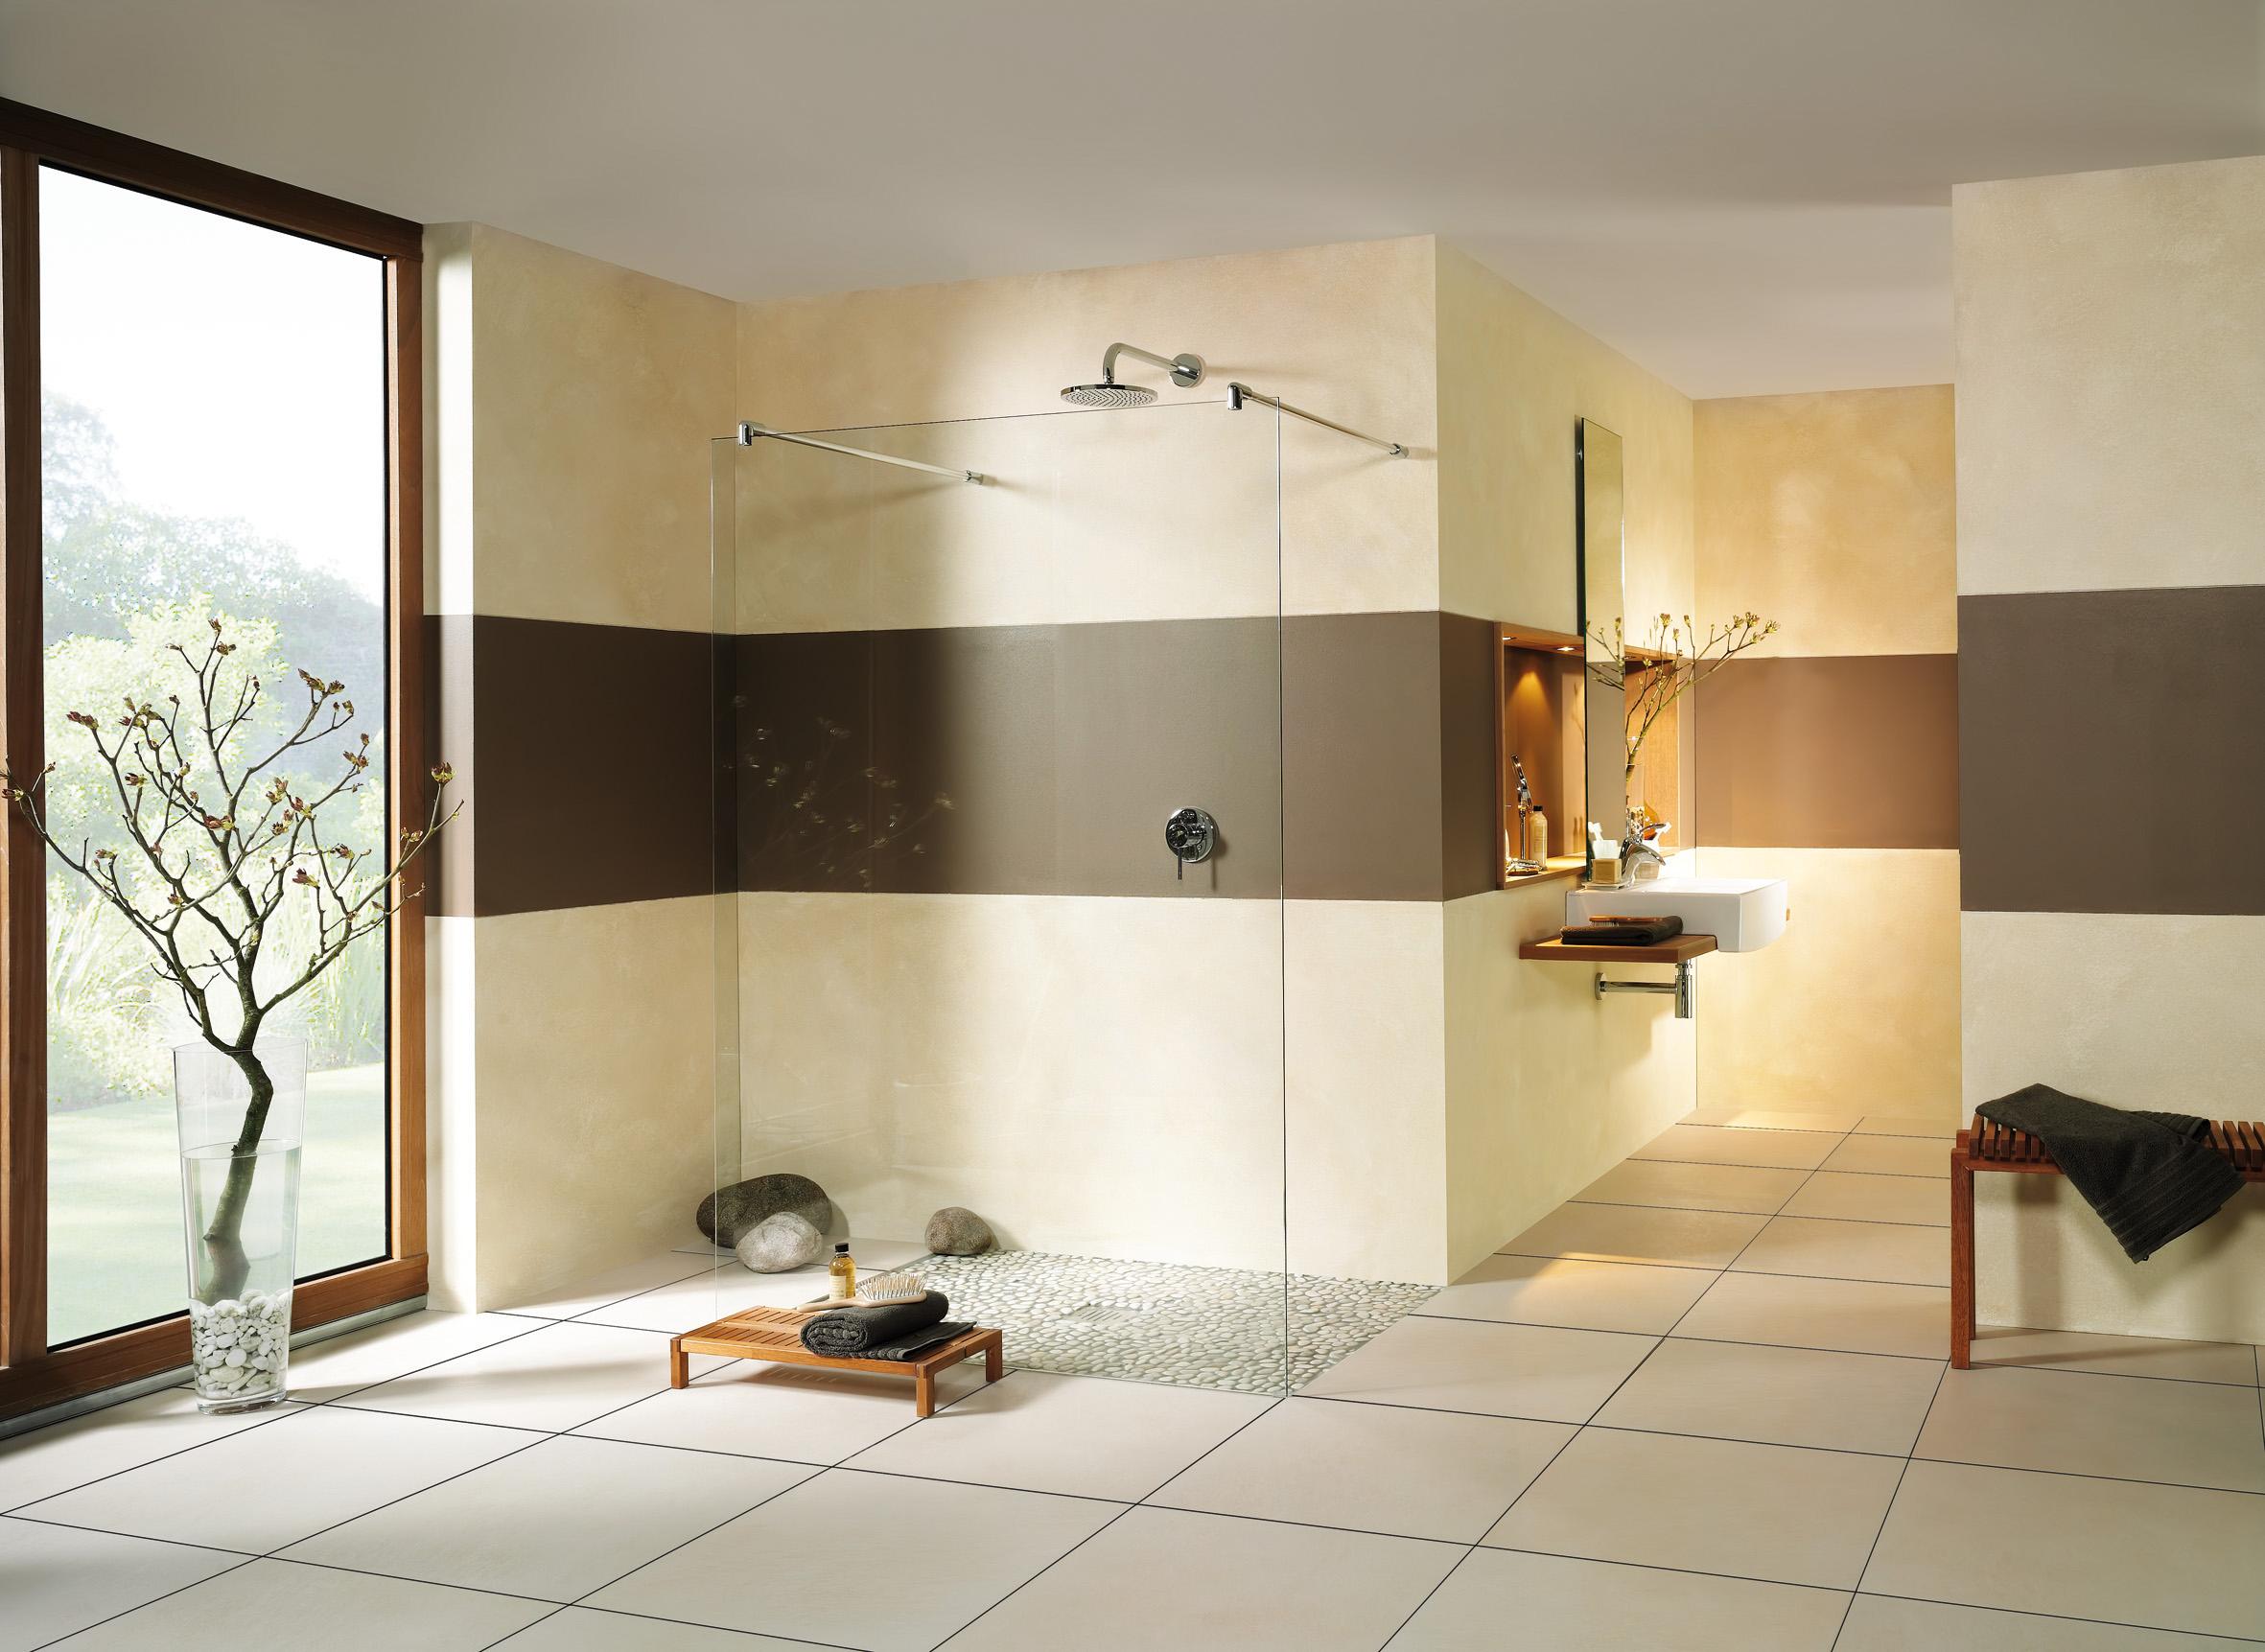 Walk In Dusche Freistehend : Duschkabine Dusche Entra Duschwand freistehend Walk IN 100×200 eBay